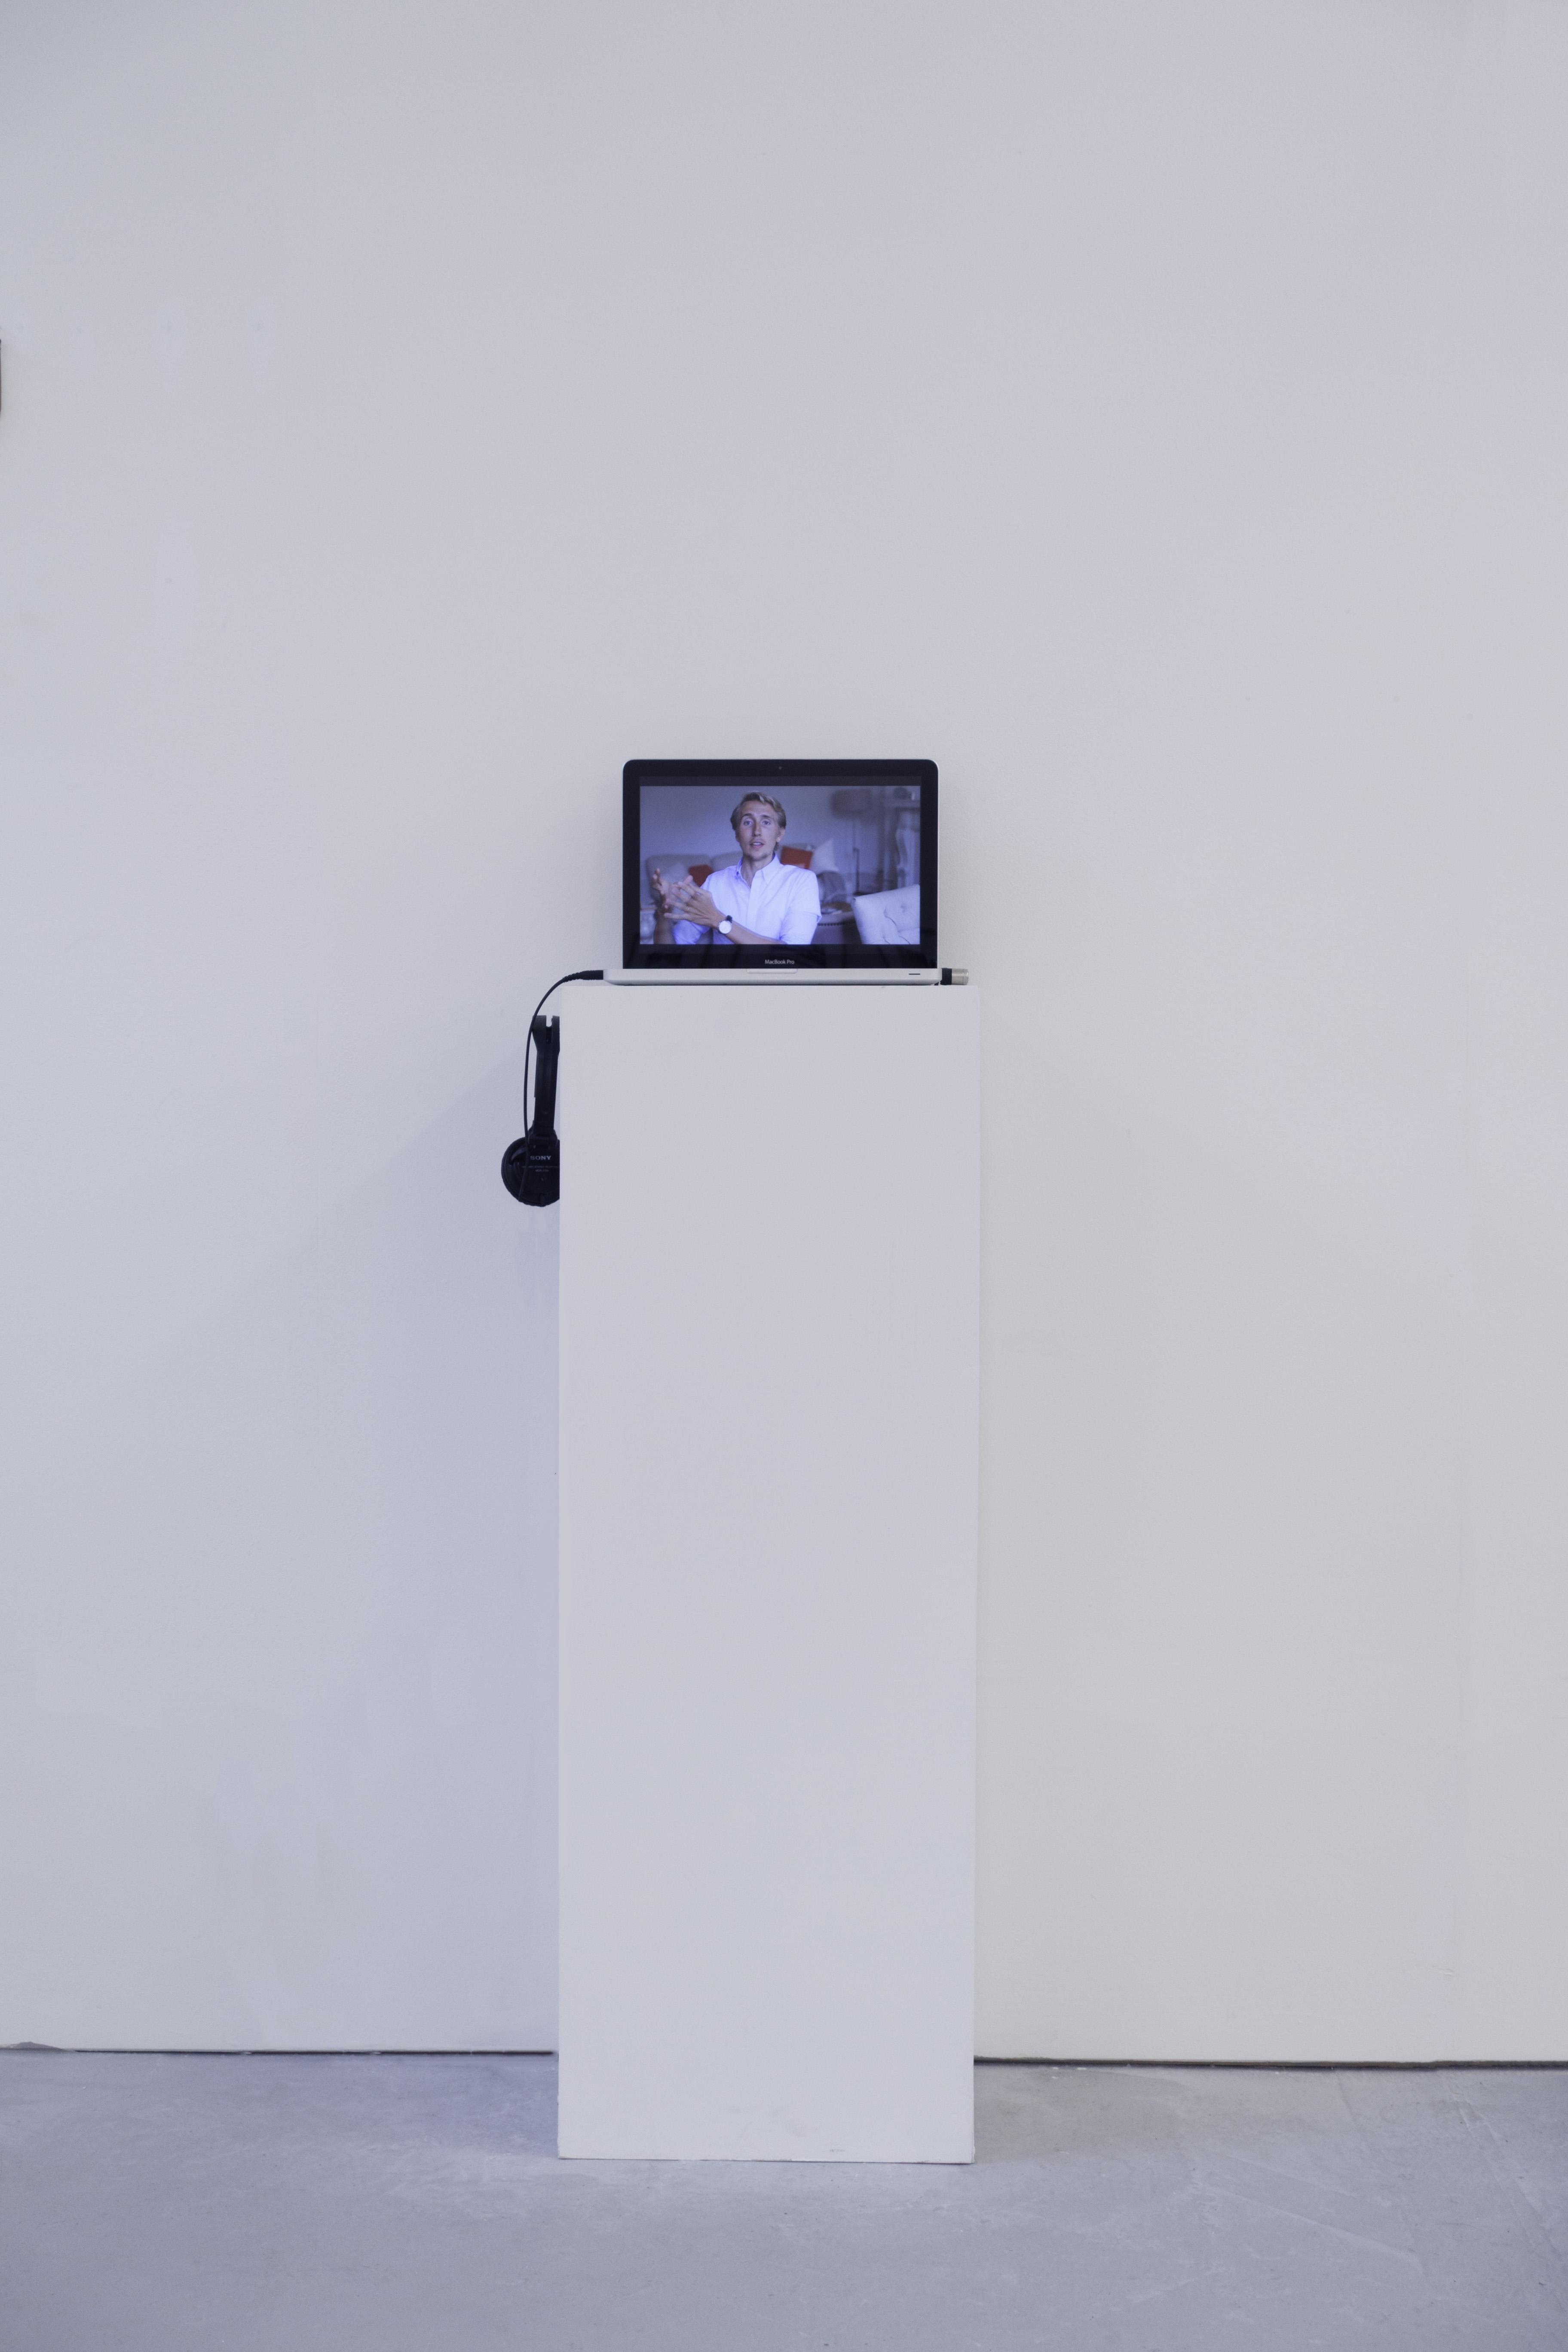 Work by Giorgia Castiglioni